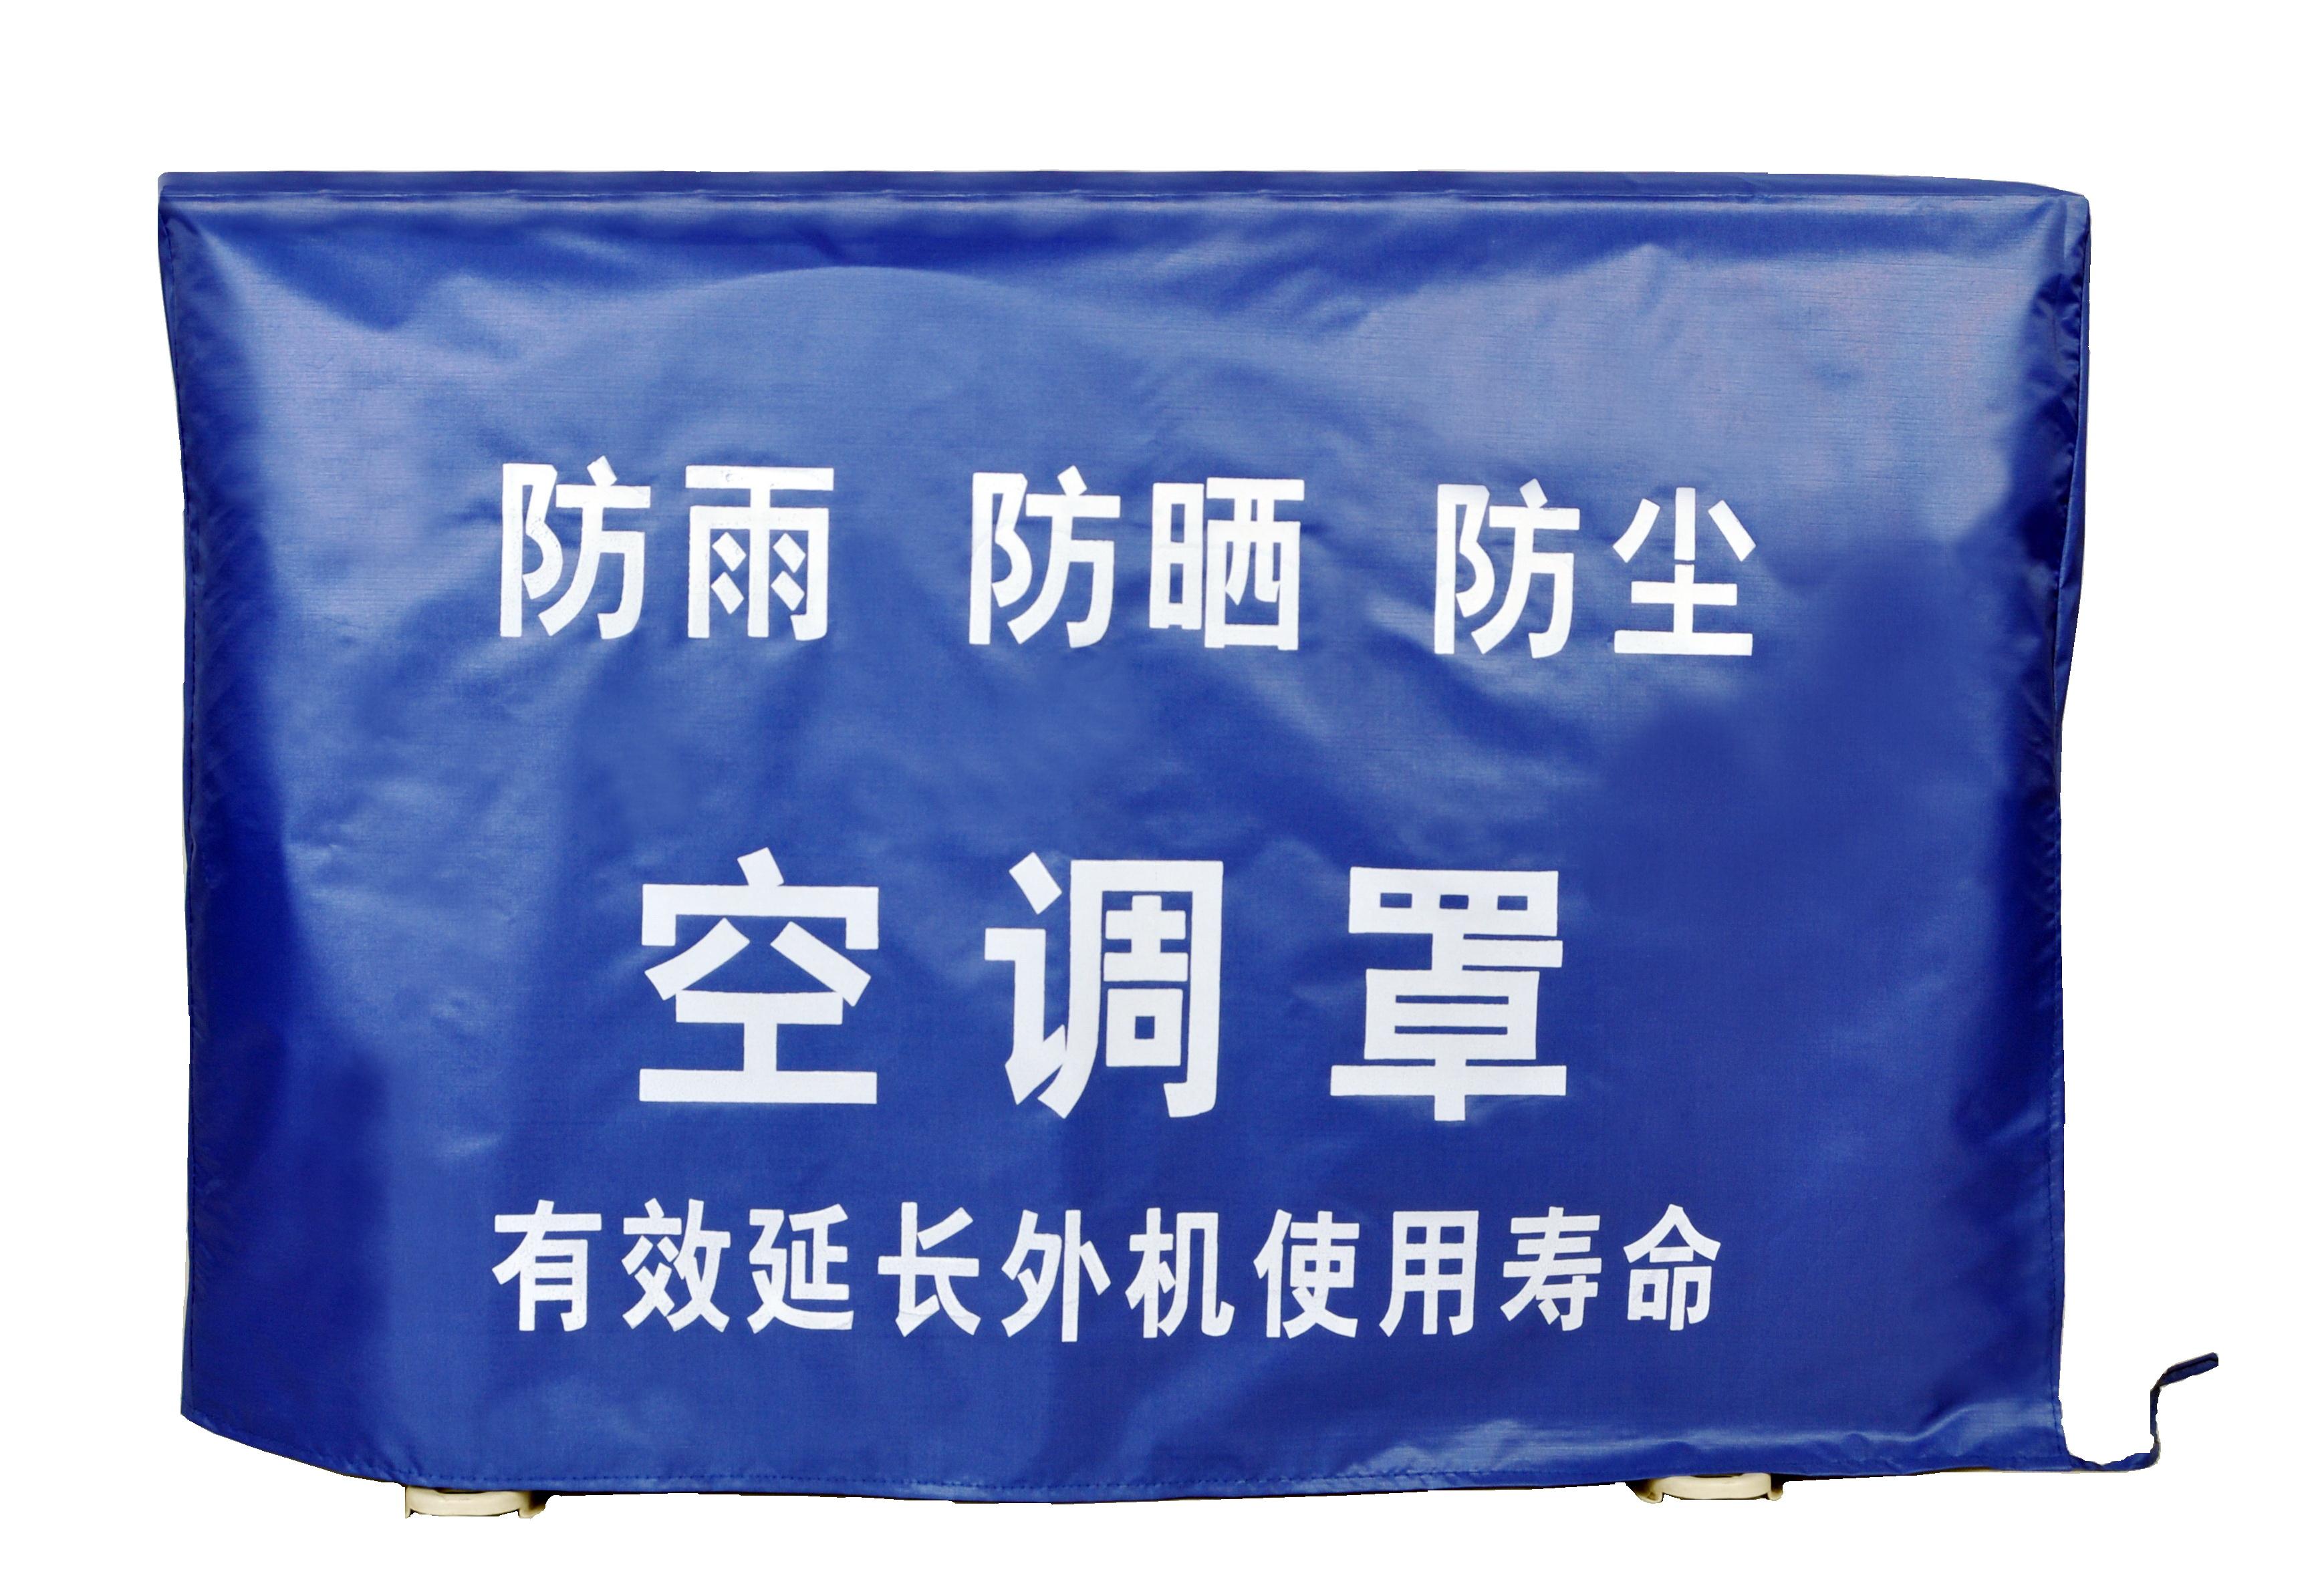 包邮 空调外机罩 空调外机防尘套 空调外罩防水防晒罩 外机防尘套